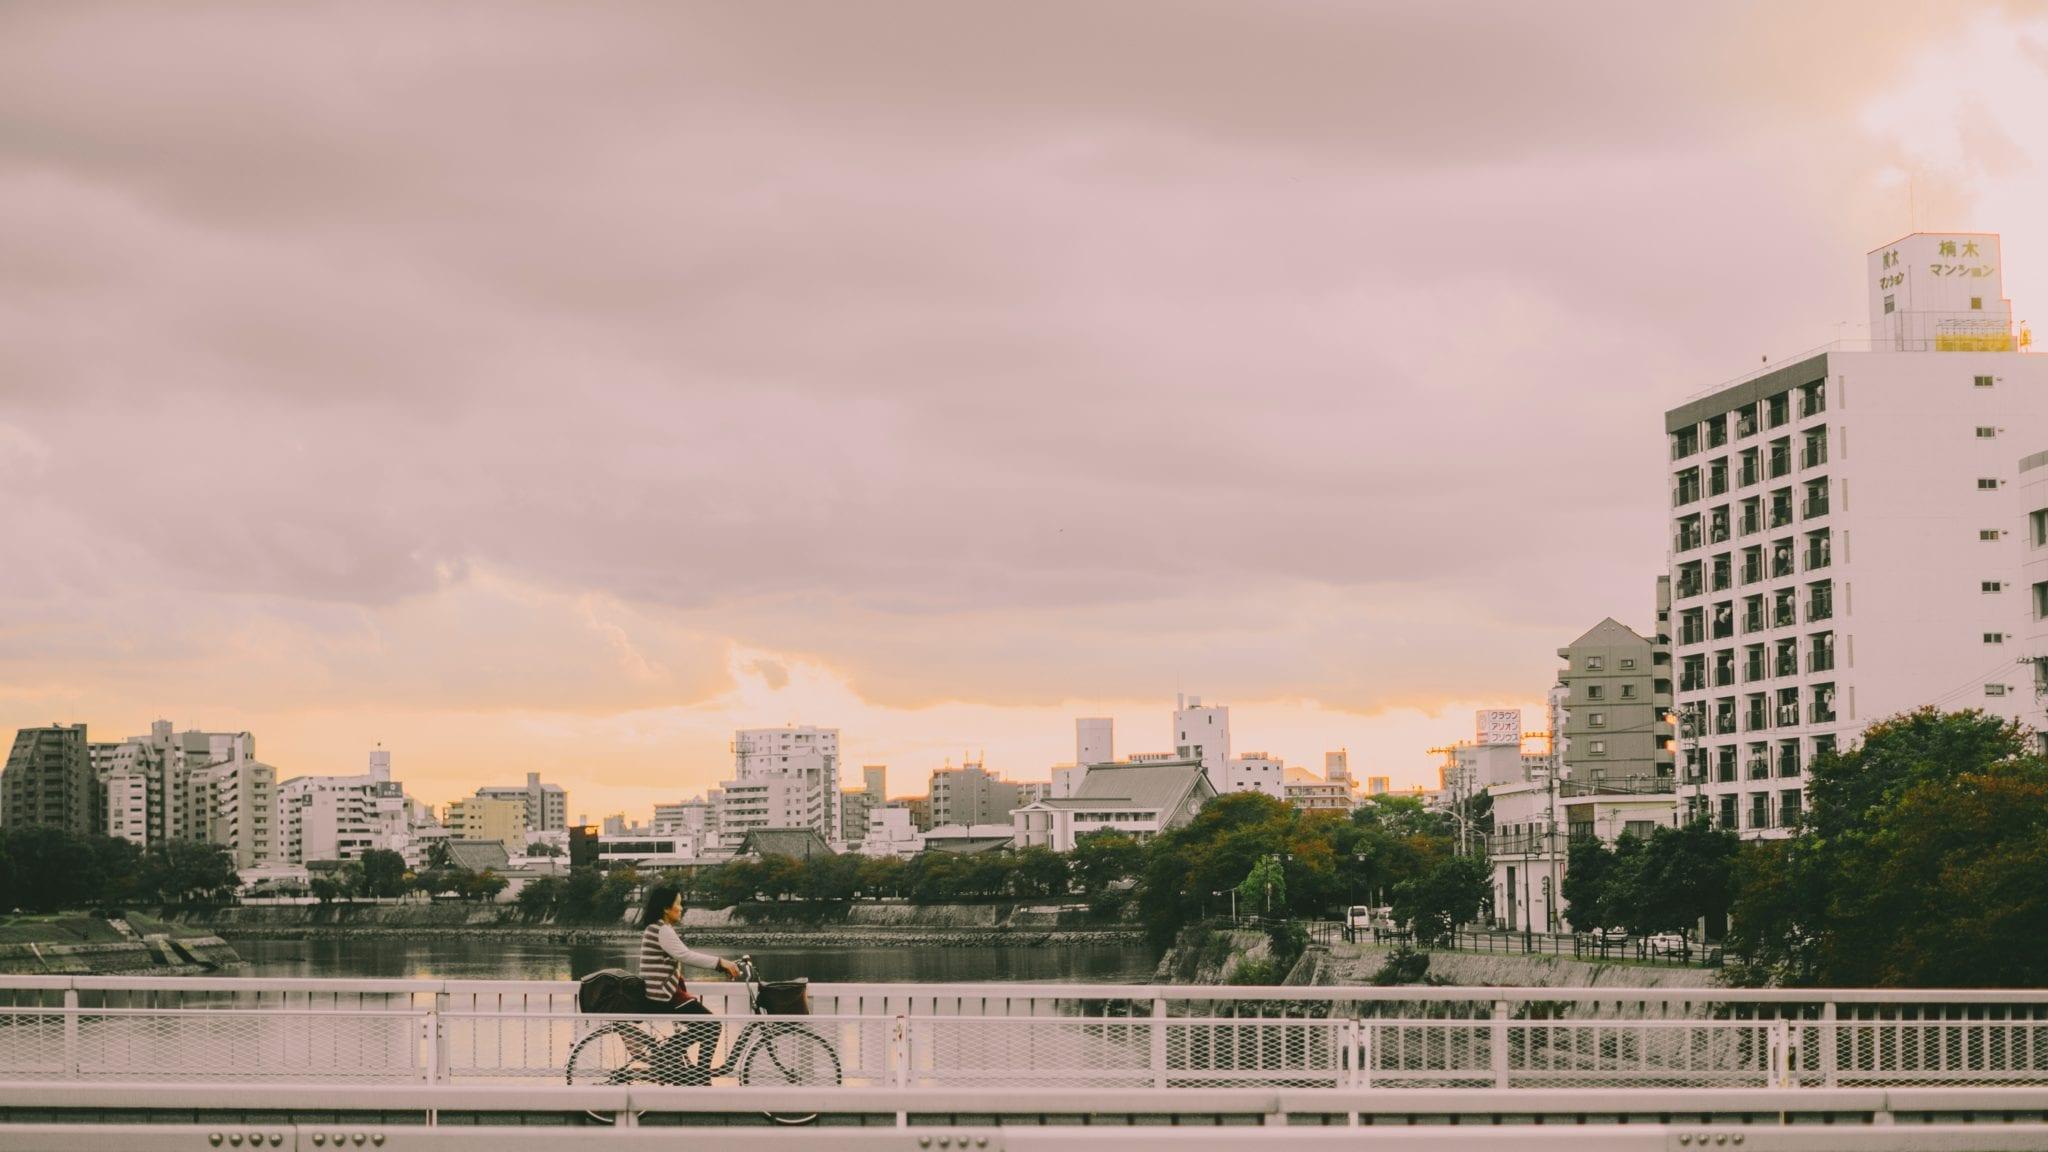 พยากรณ์ซากุระ 2019 ซากุระ 2019 เที่ยวญี่ปุ่น ซากุระ ญี่ปุ่น